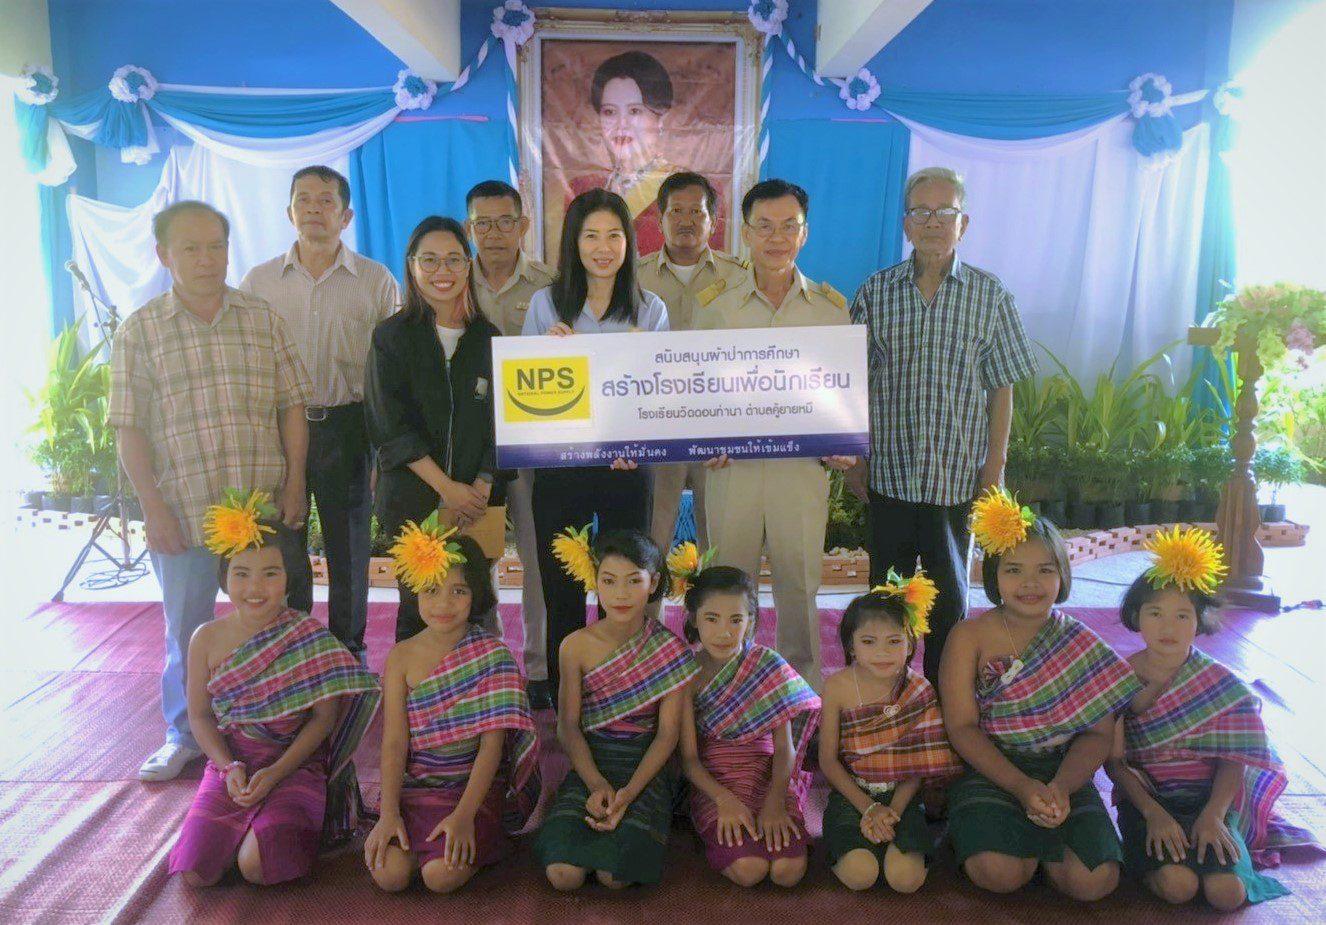 NPS สนับสนุนผ้าป่าการศึกษา สร้างโรงเรียน เพื่อนักเรียน